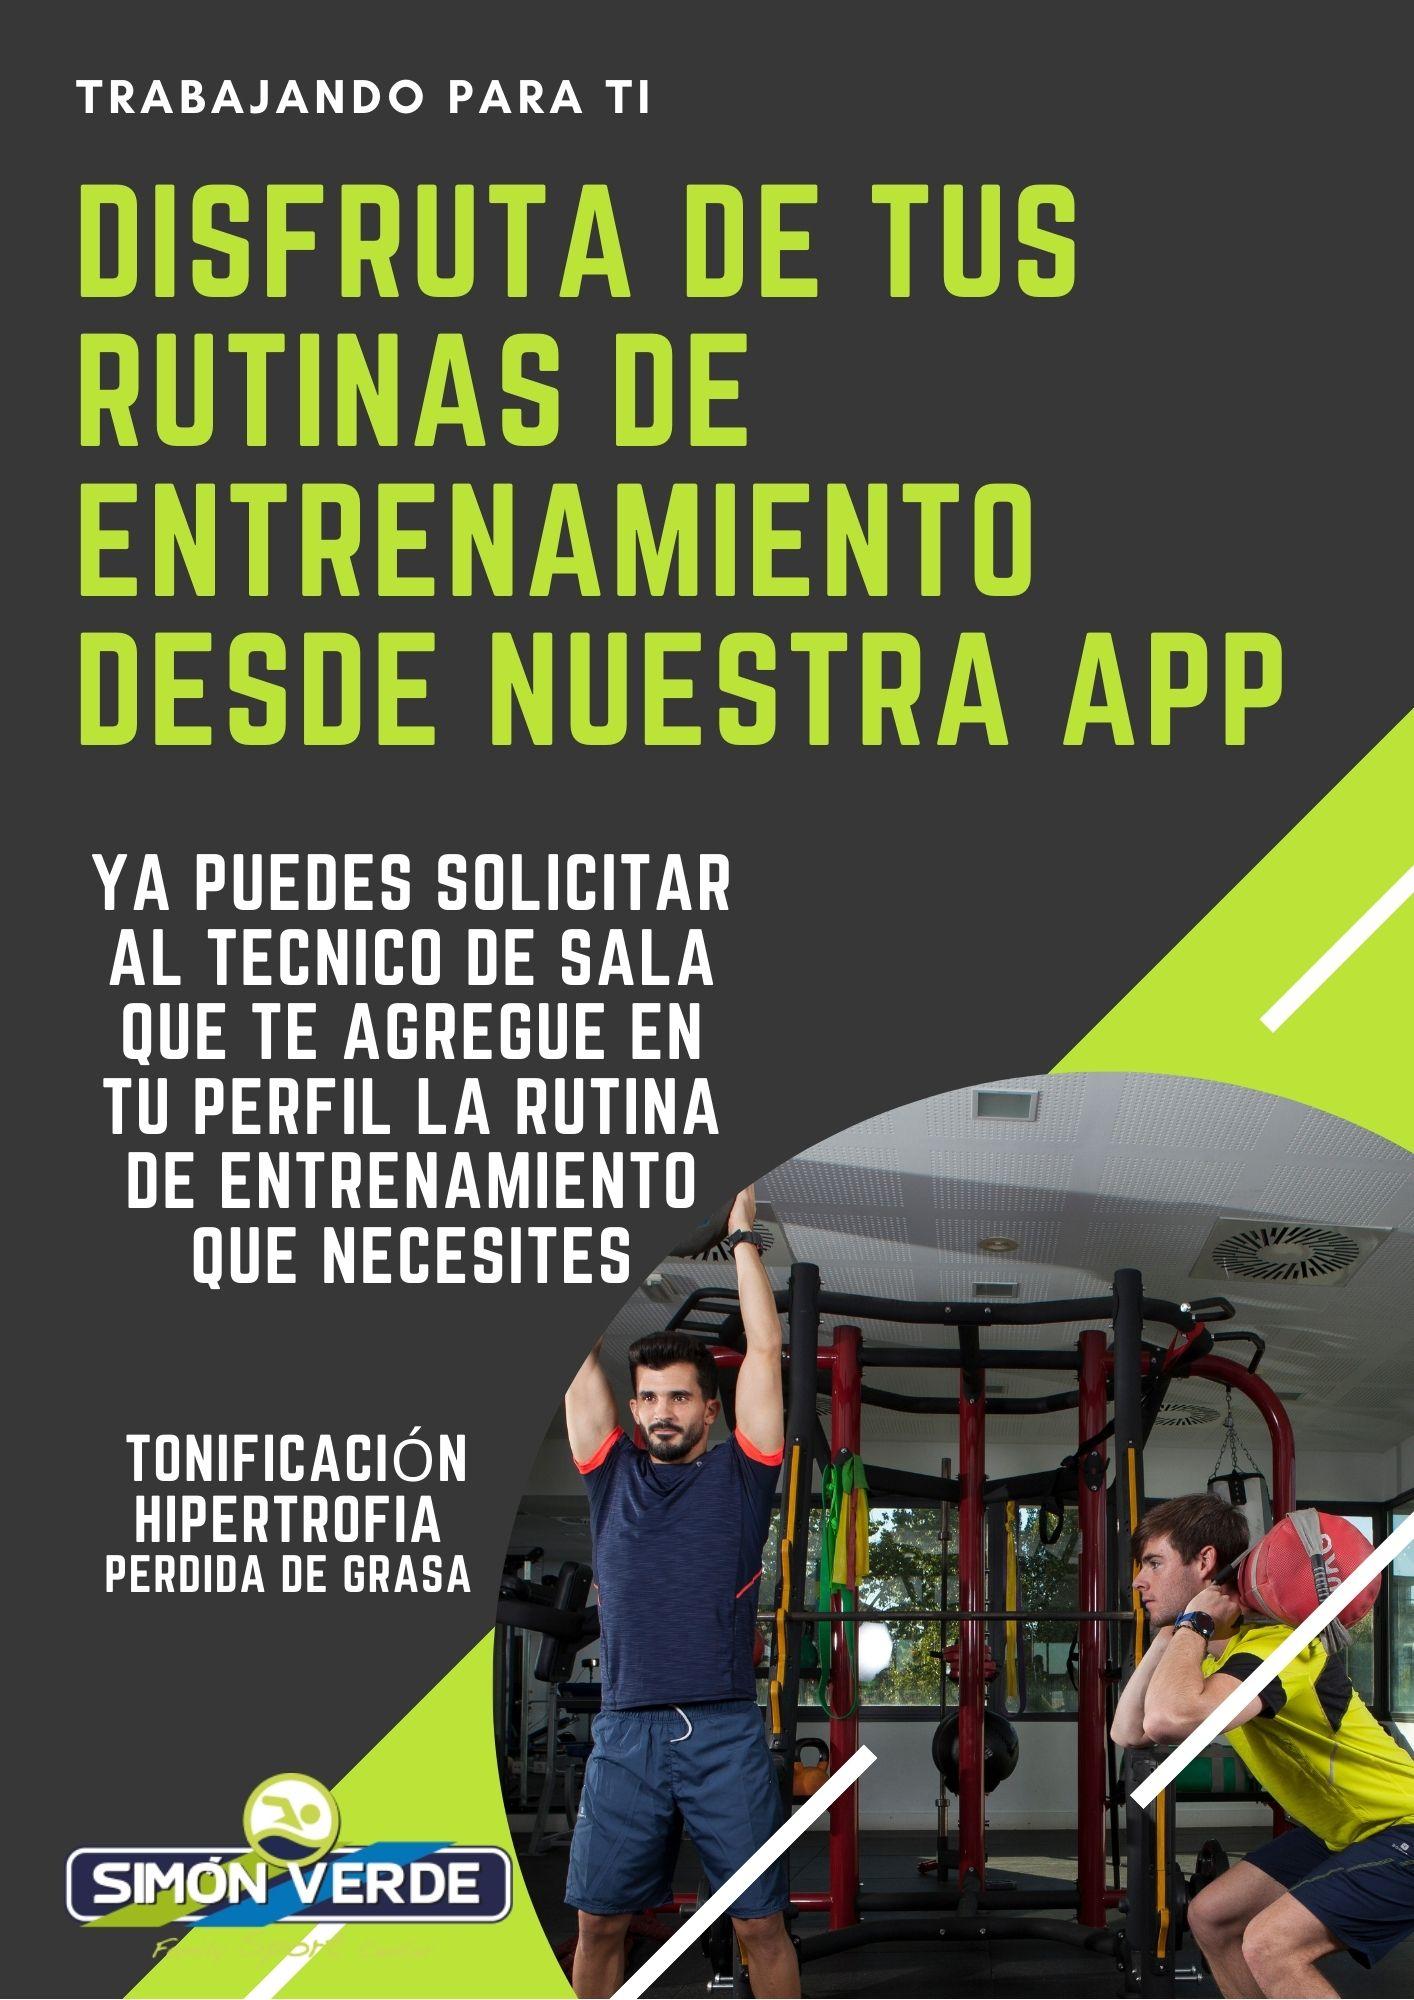 Disfruta de tus Rutinas de entrenamiento desde nuestra App